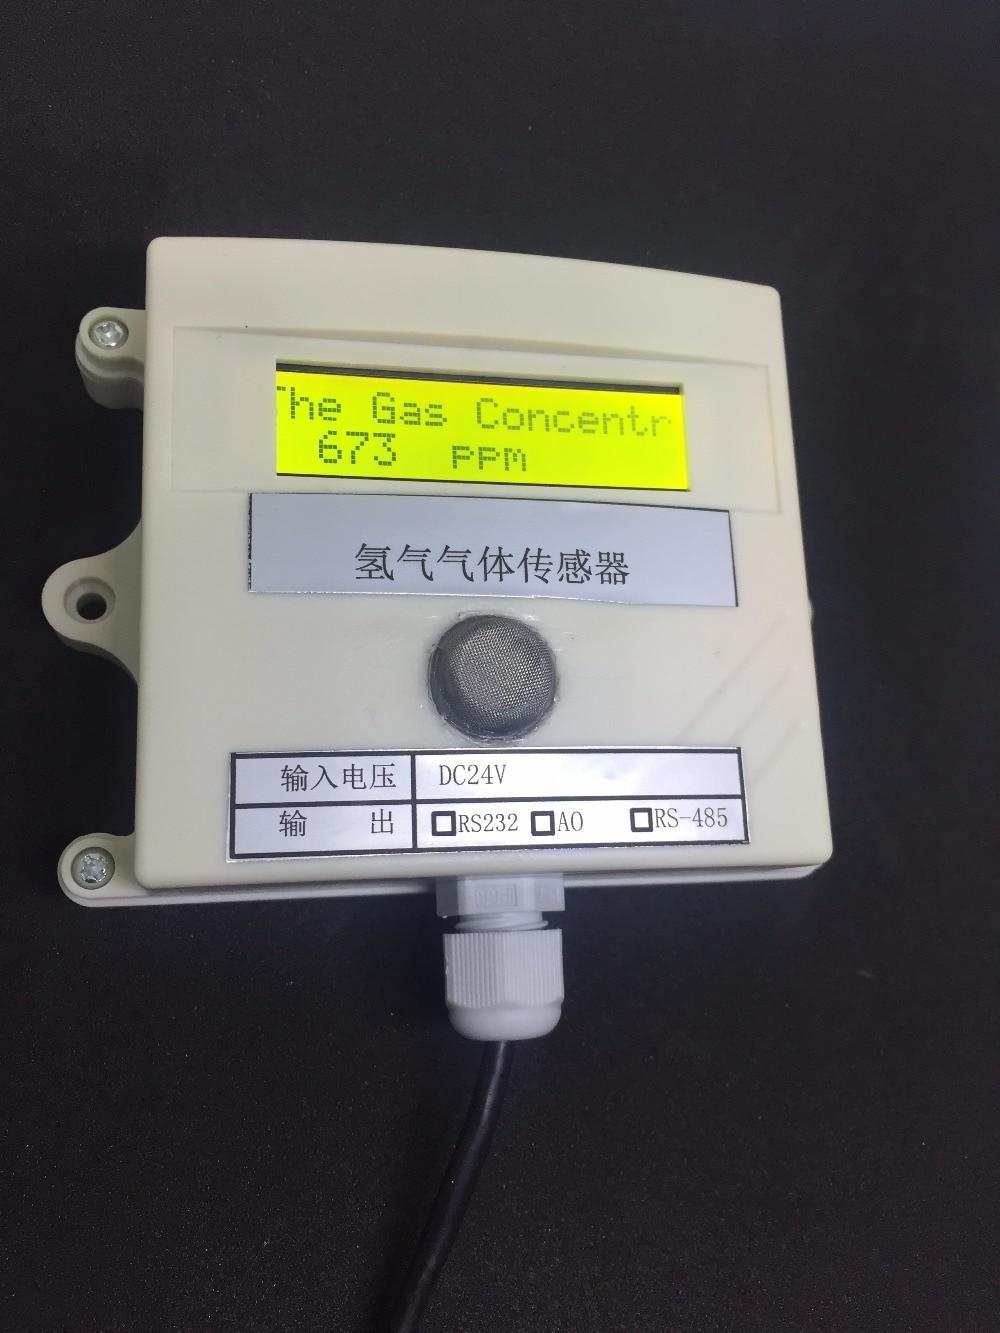 Hydrogen gas Concentration sensor transmitter H2 gas sensor online test 485 232 0-5v switching value 4-20MA plc modbu 0-1000ppm